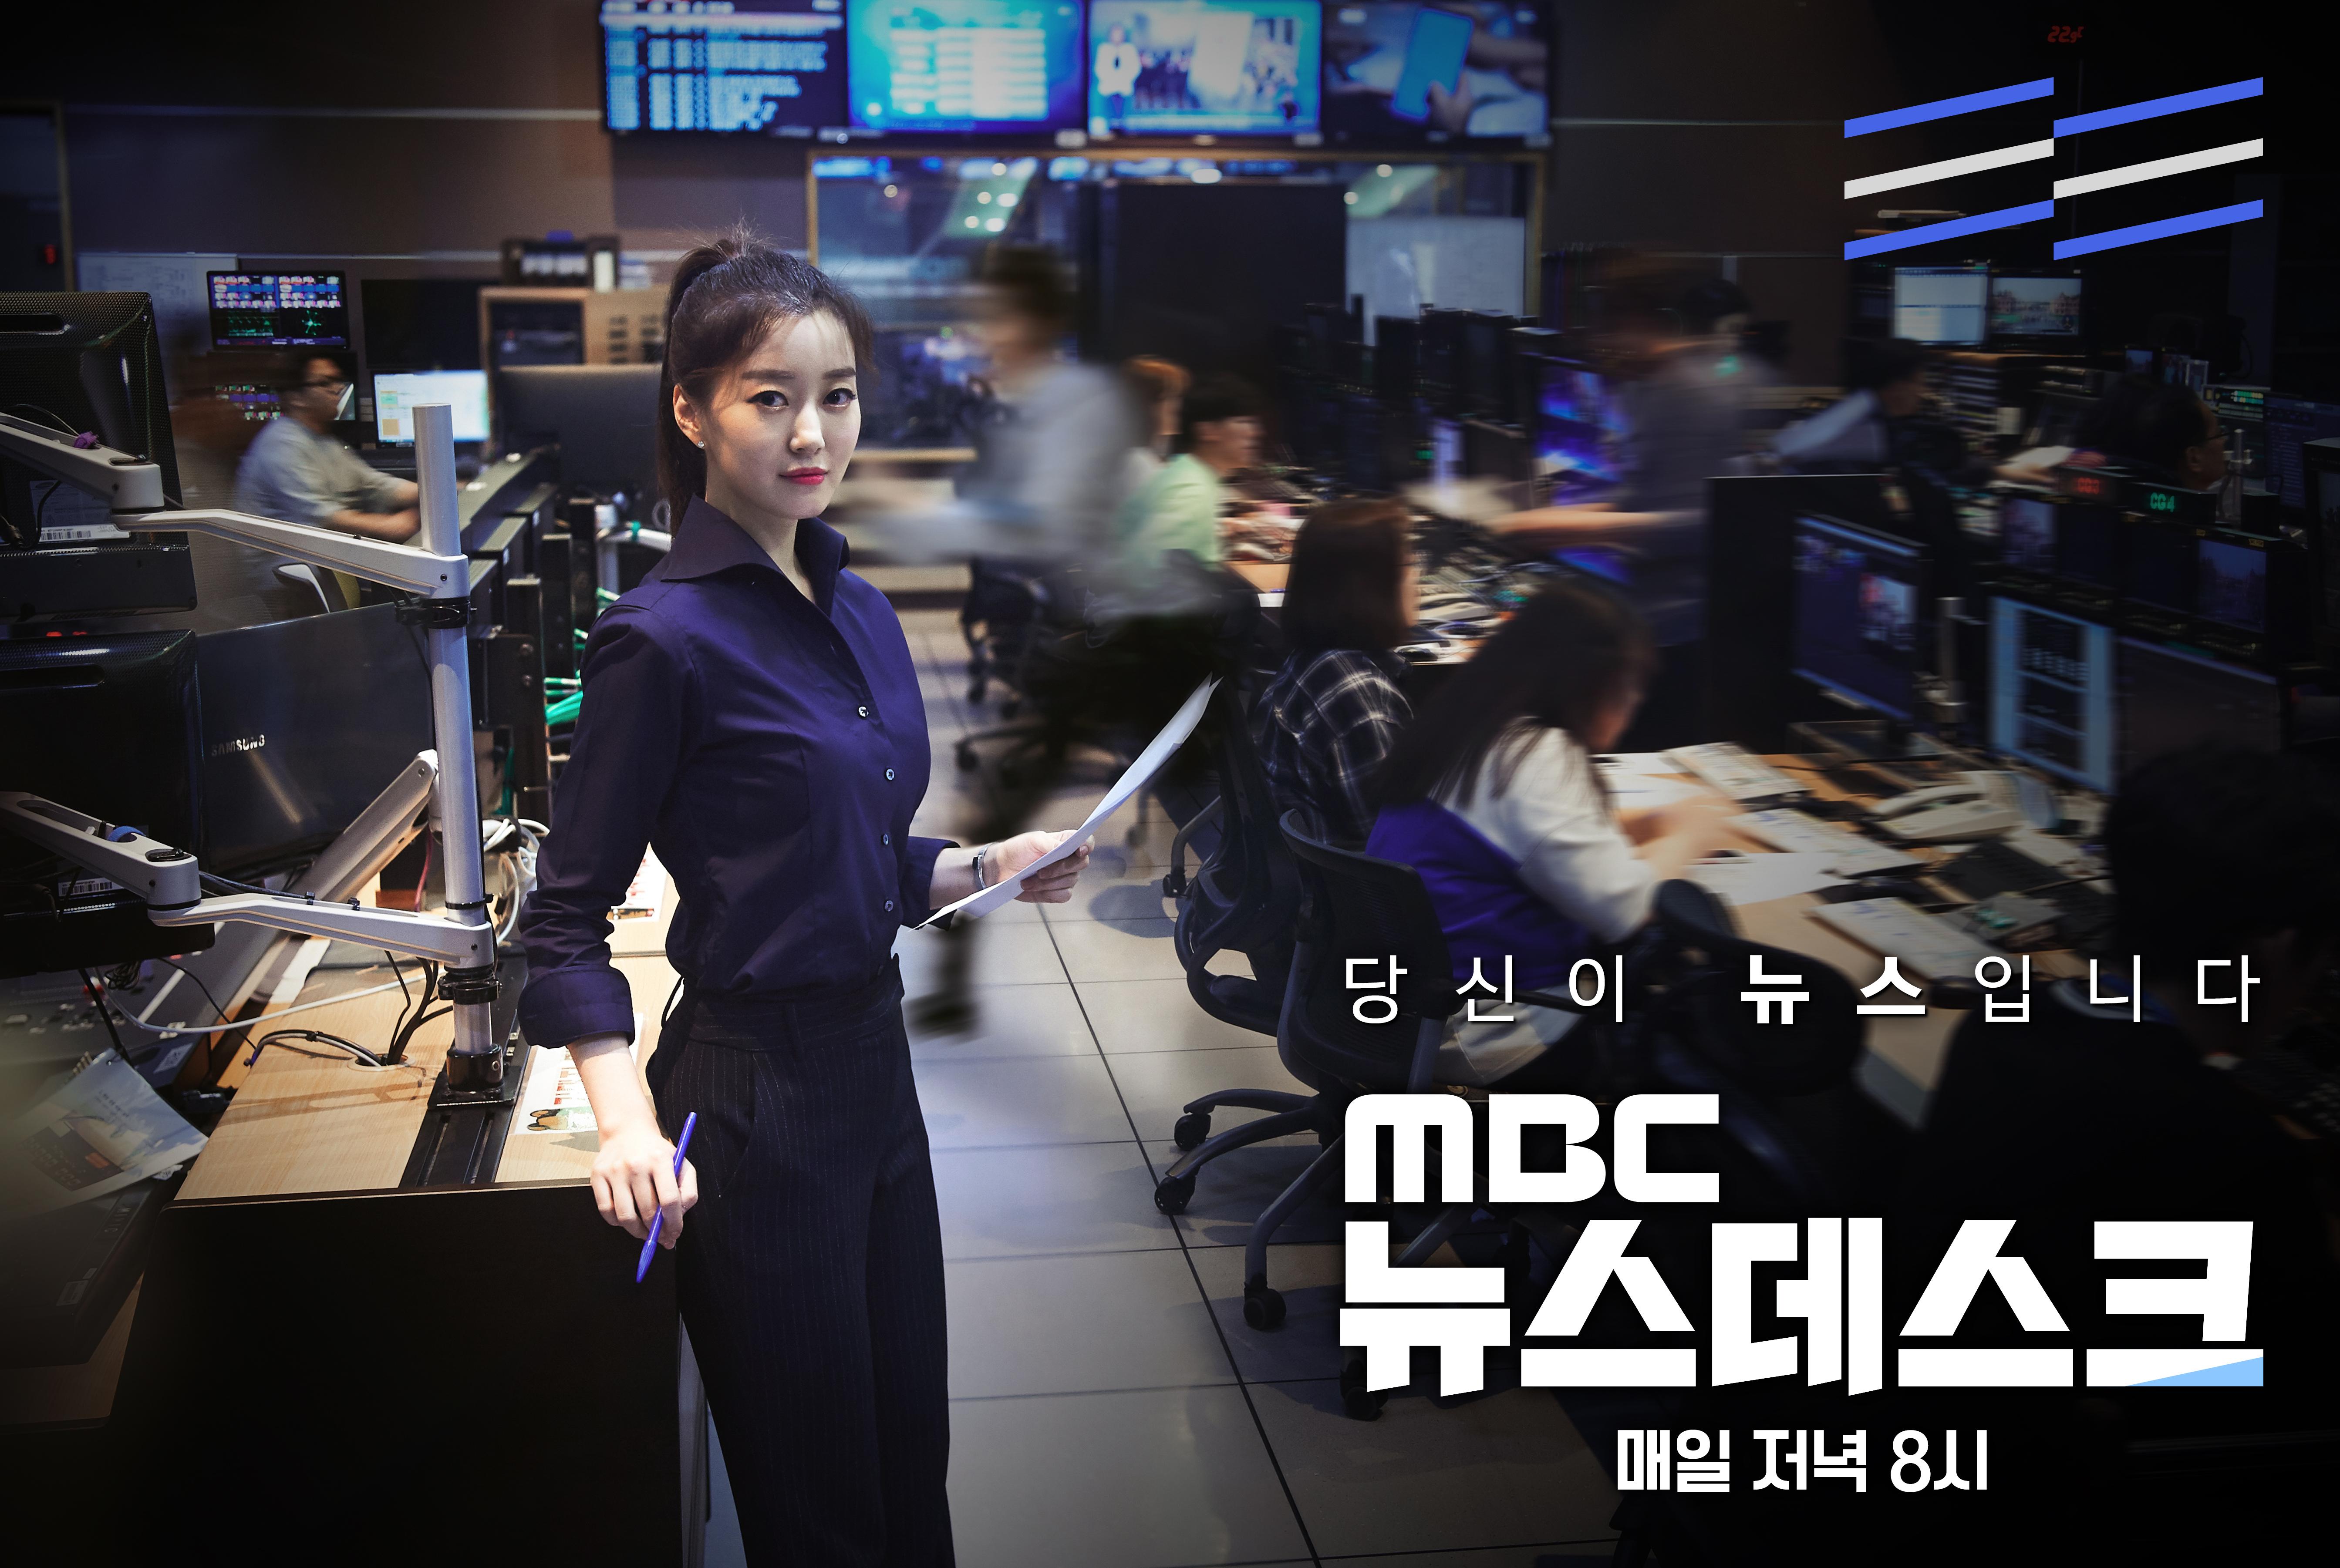 해양수산부, MBC '뉴스데스크' 미세플라스틱 위험 단독보도에 긴급 대책 마련키로